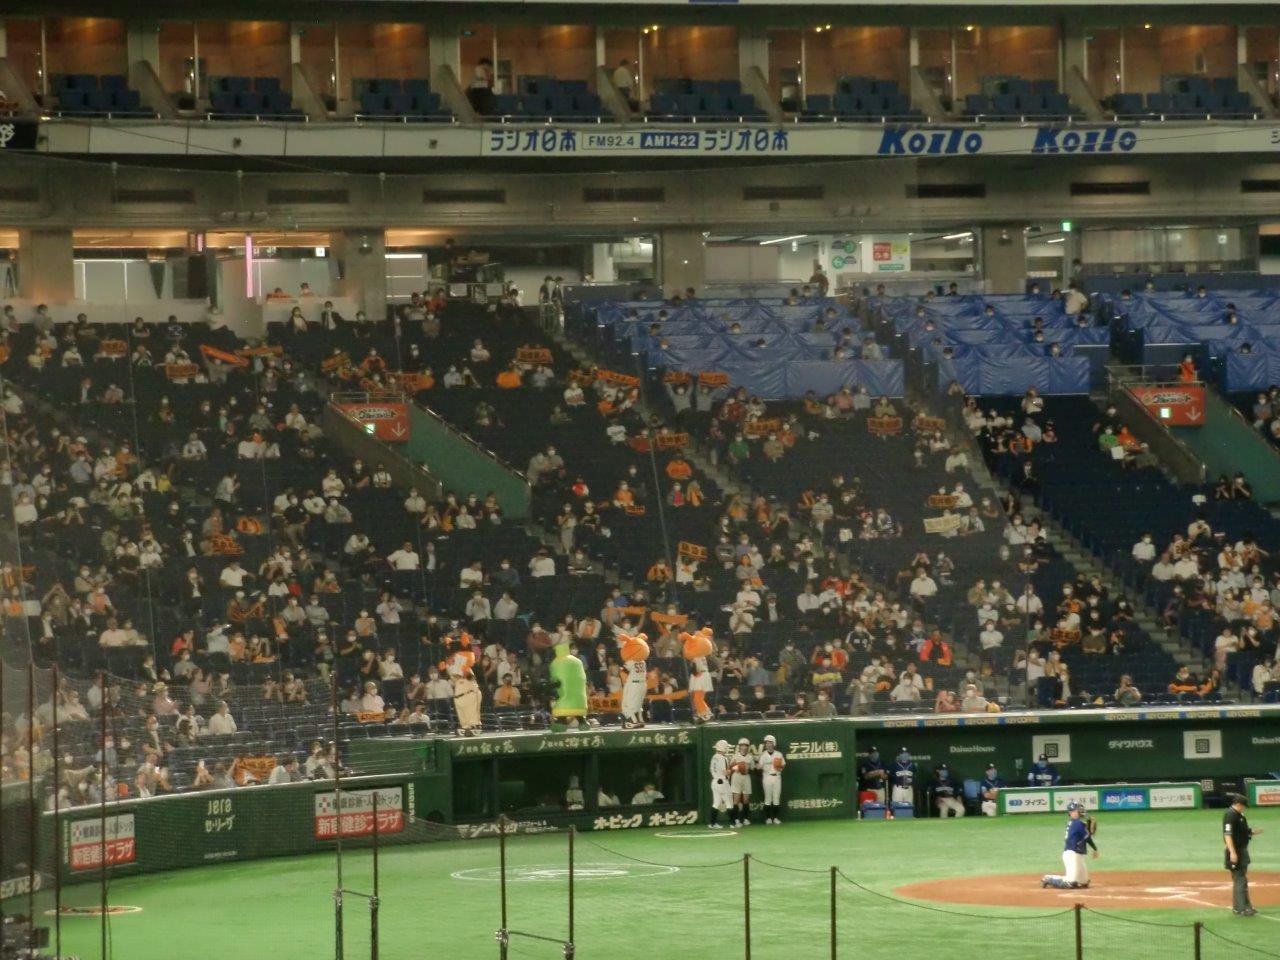 10/14(木)18時 読売巨人対阪神 東京ドーム 2021年セ・リーグ公式戦の画像